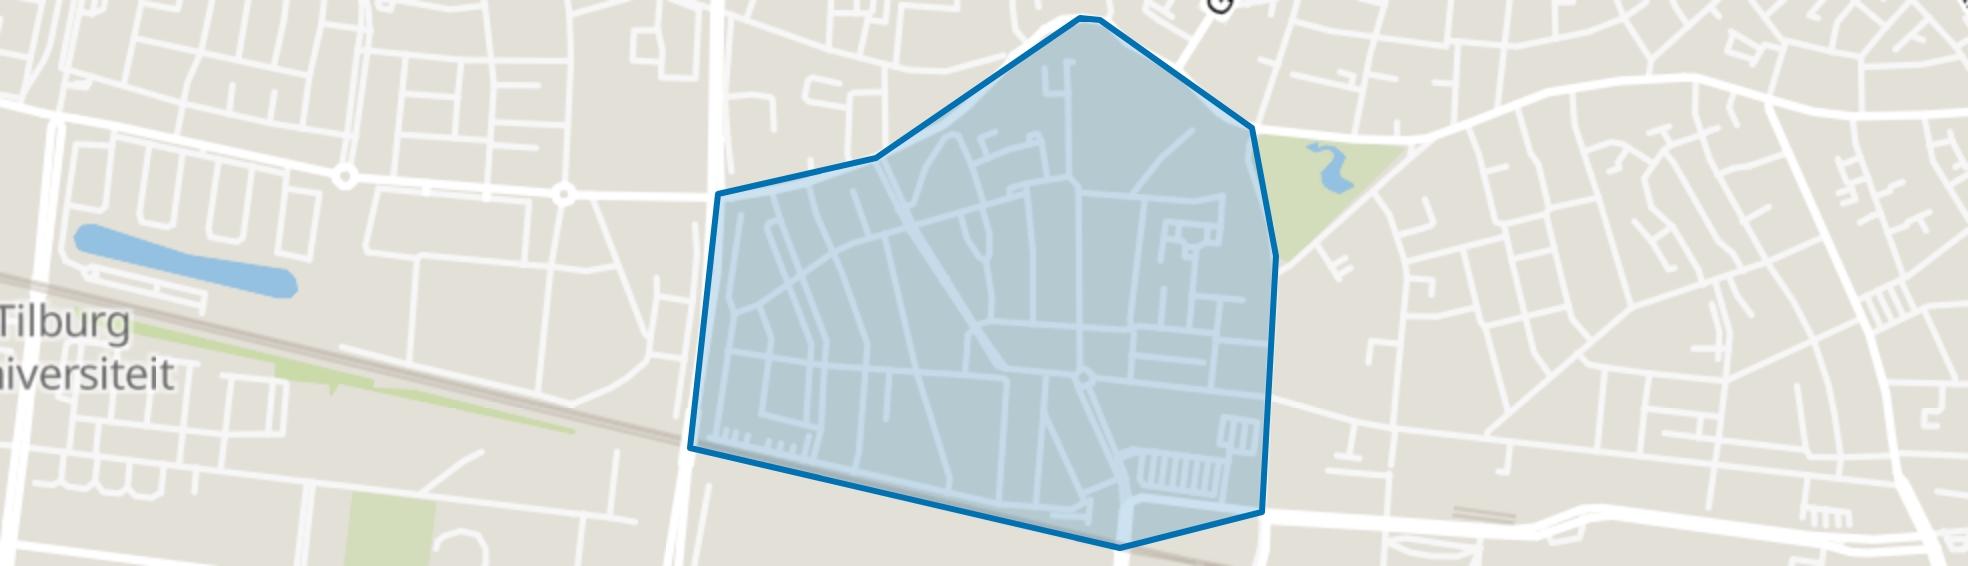 Bouwmeester, Tilburg map